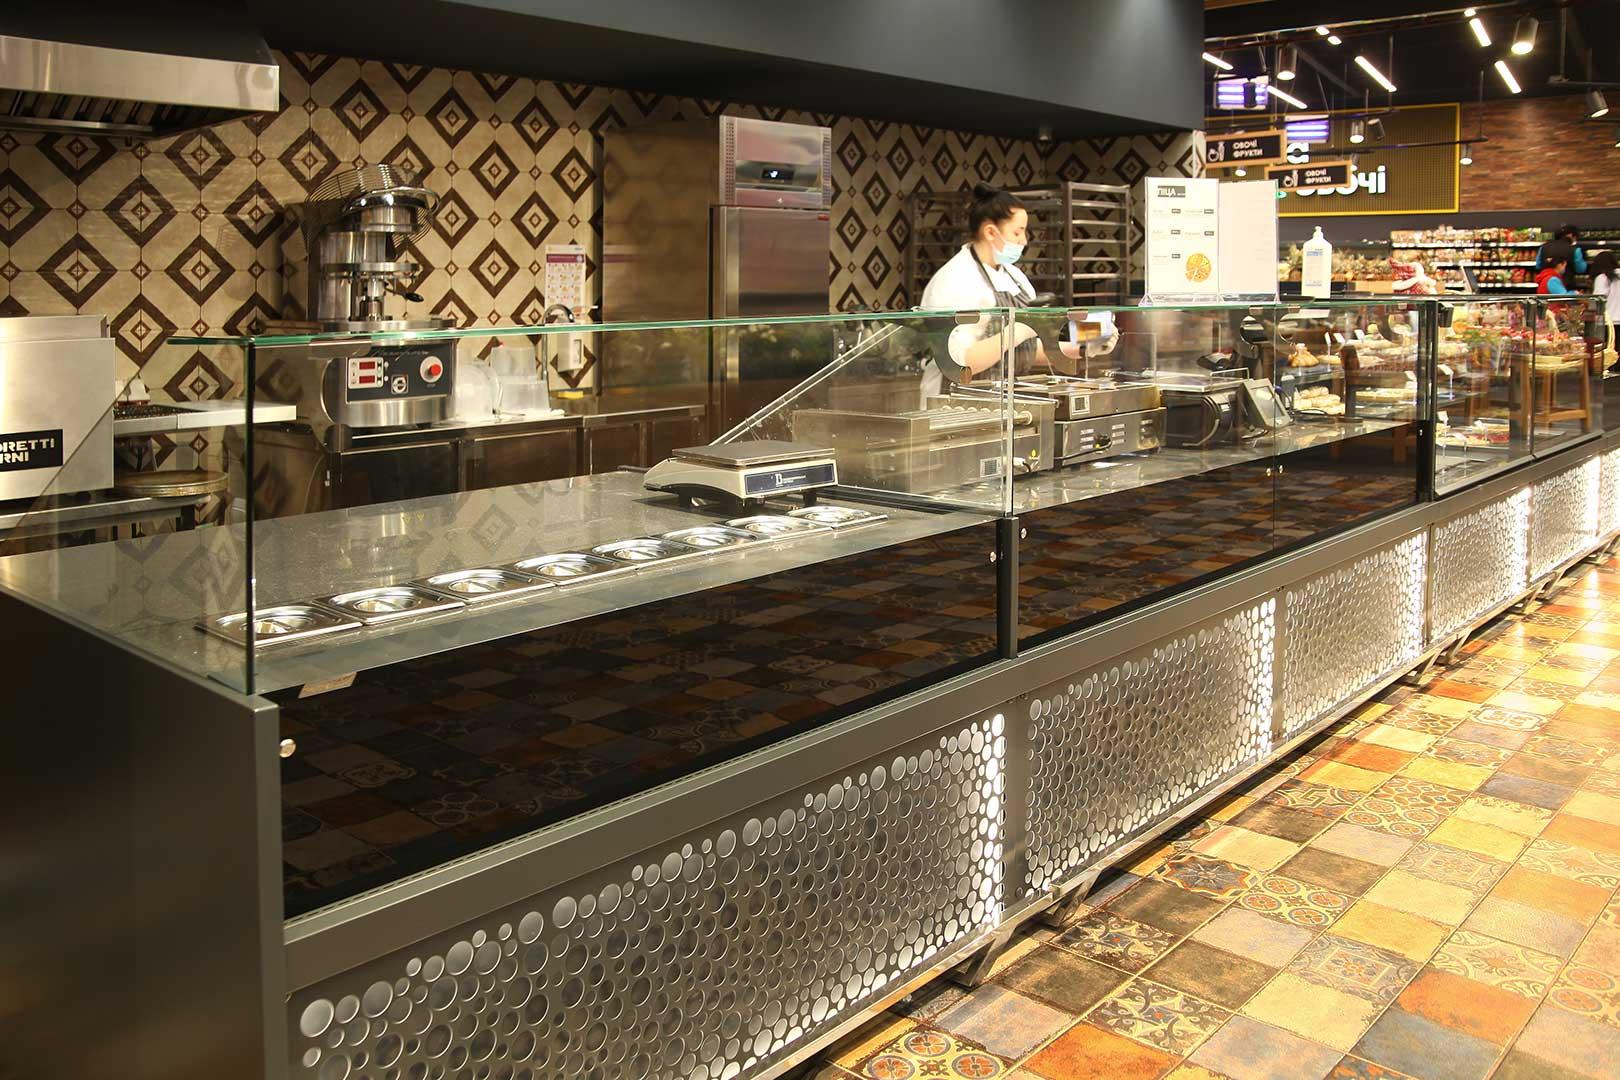 Counters Missouri MC 120 sushi/pizza L 130-DBM, Missouri NC 120 L 130